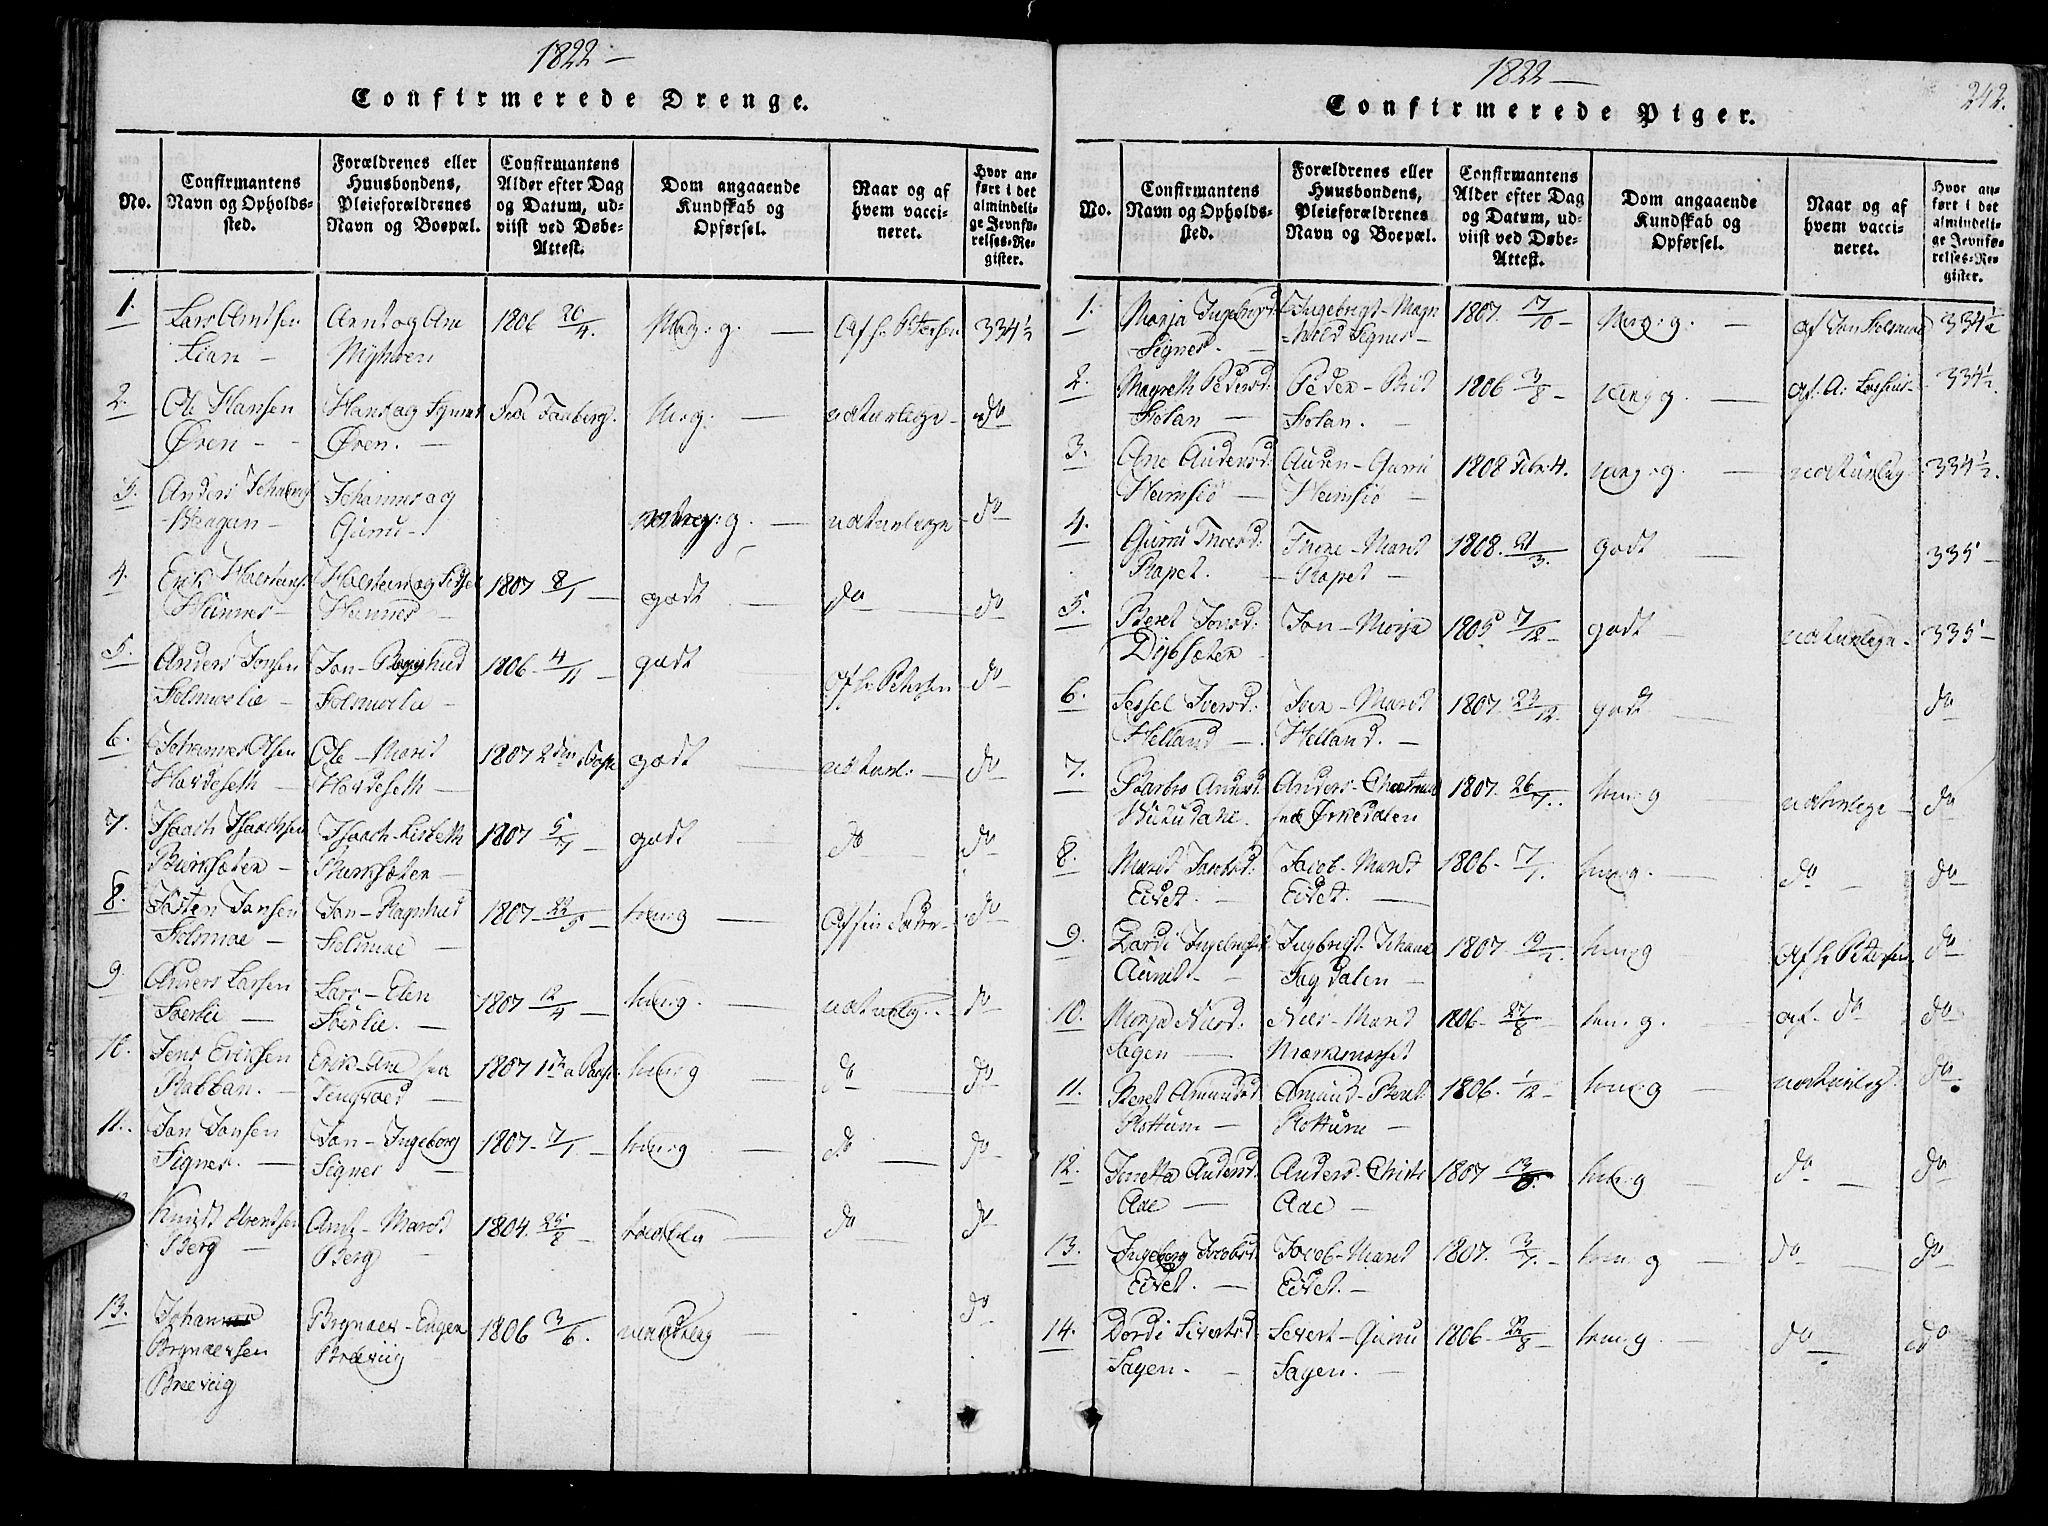 SAT, Ministerialprotokoller, klokkerbøker og fødselsregistre - Sør-Trøndelag, 630/L0491: Ministerialbok nr. 630A04, 1818-1830, s. 242